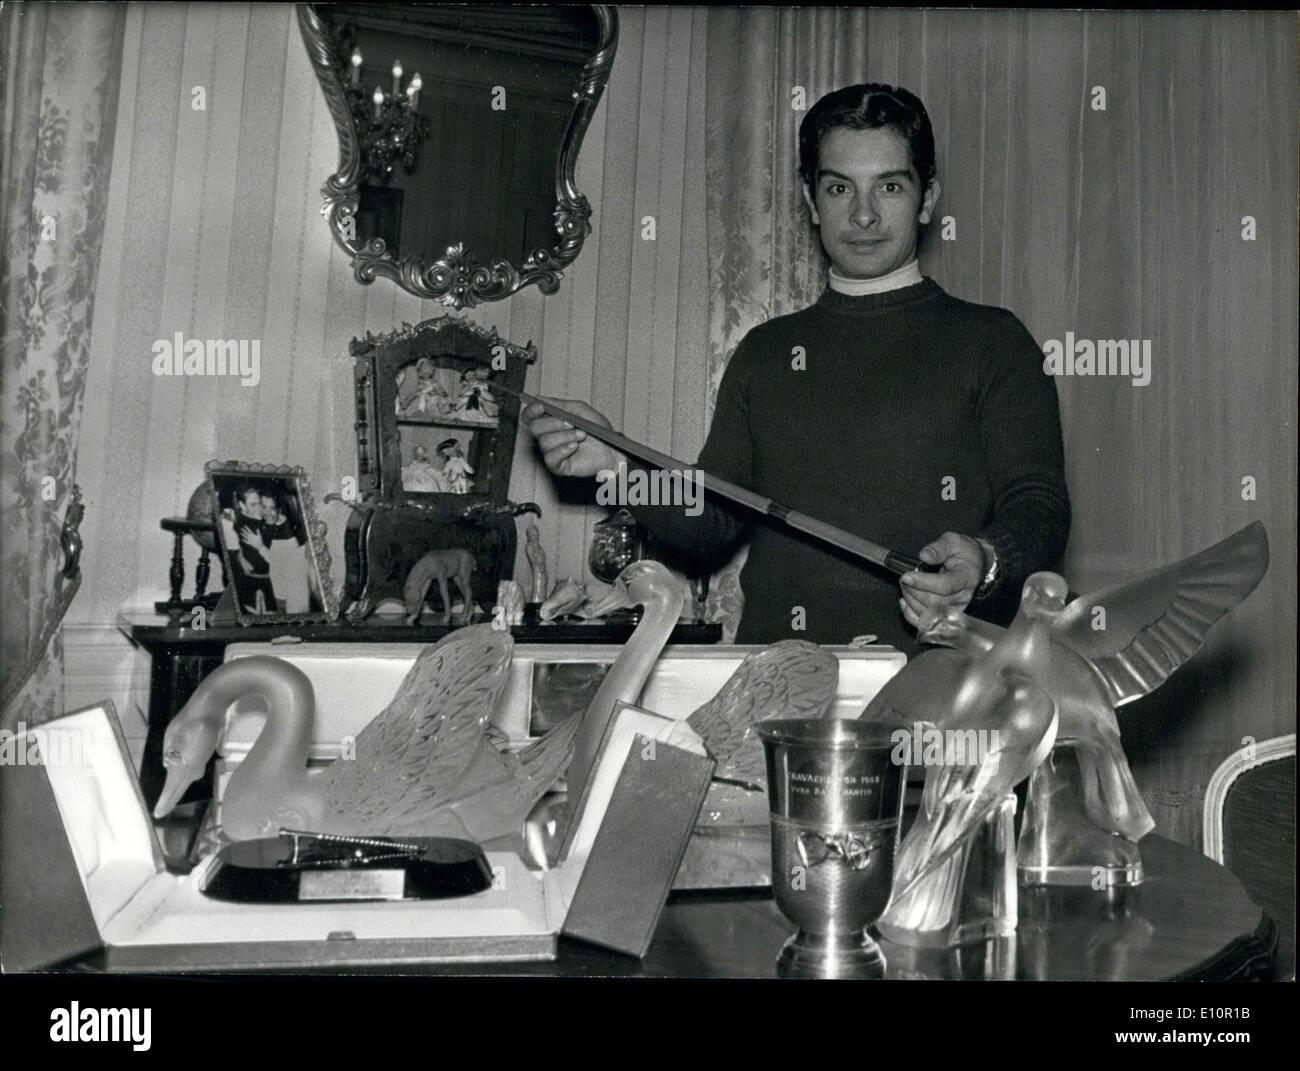 4. Dezember 1973 - gewann Saint Martin insgesamt 10 goldene Ernte ausgezeichnet, die Jockey gegeben werden, der die meisten Siege hat Stockbild